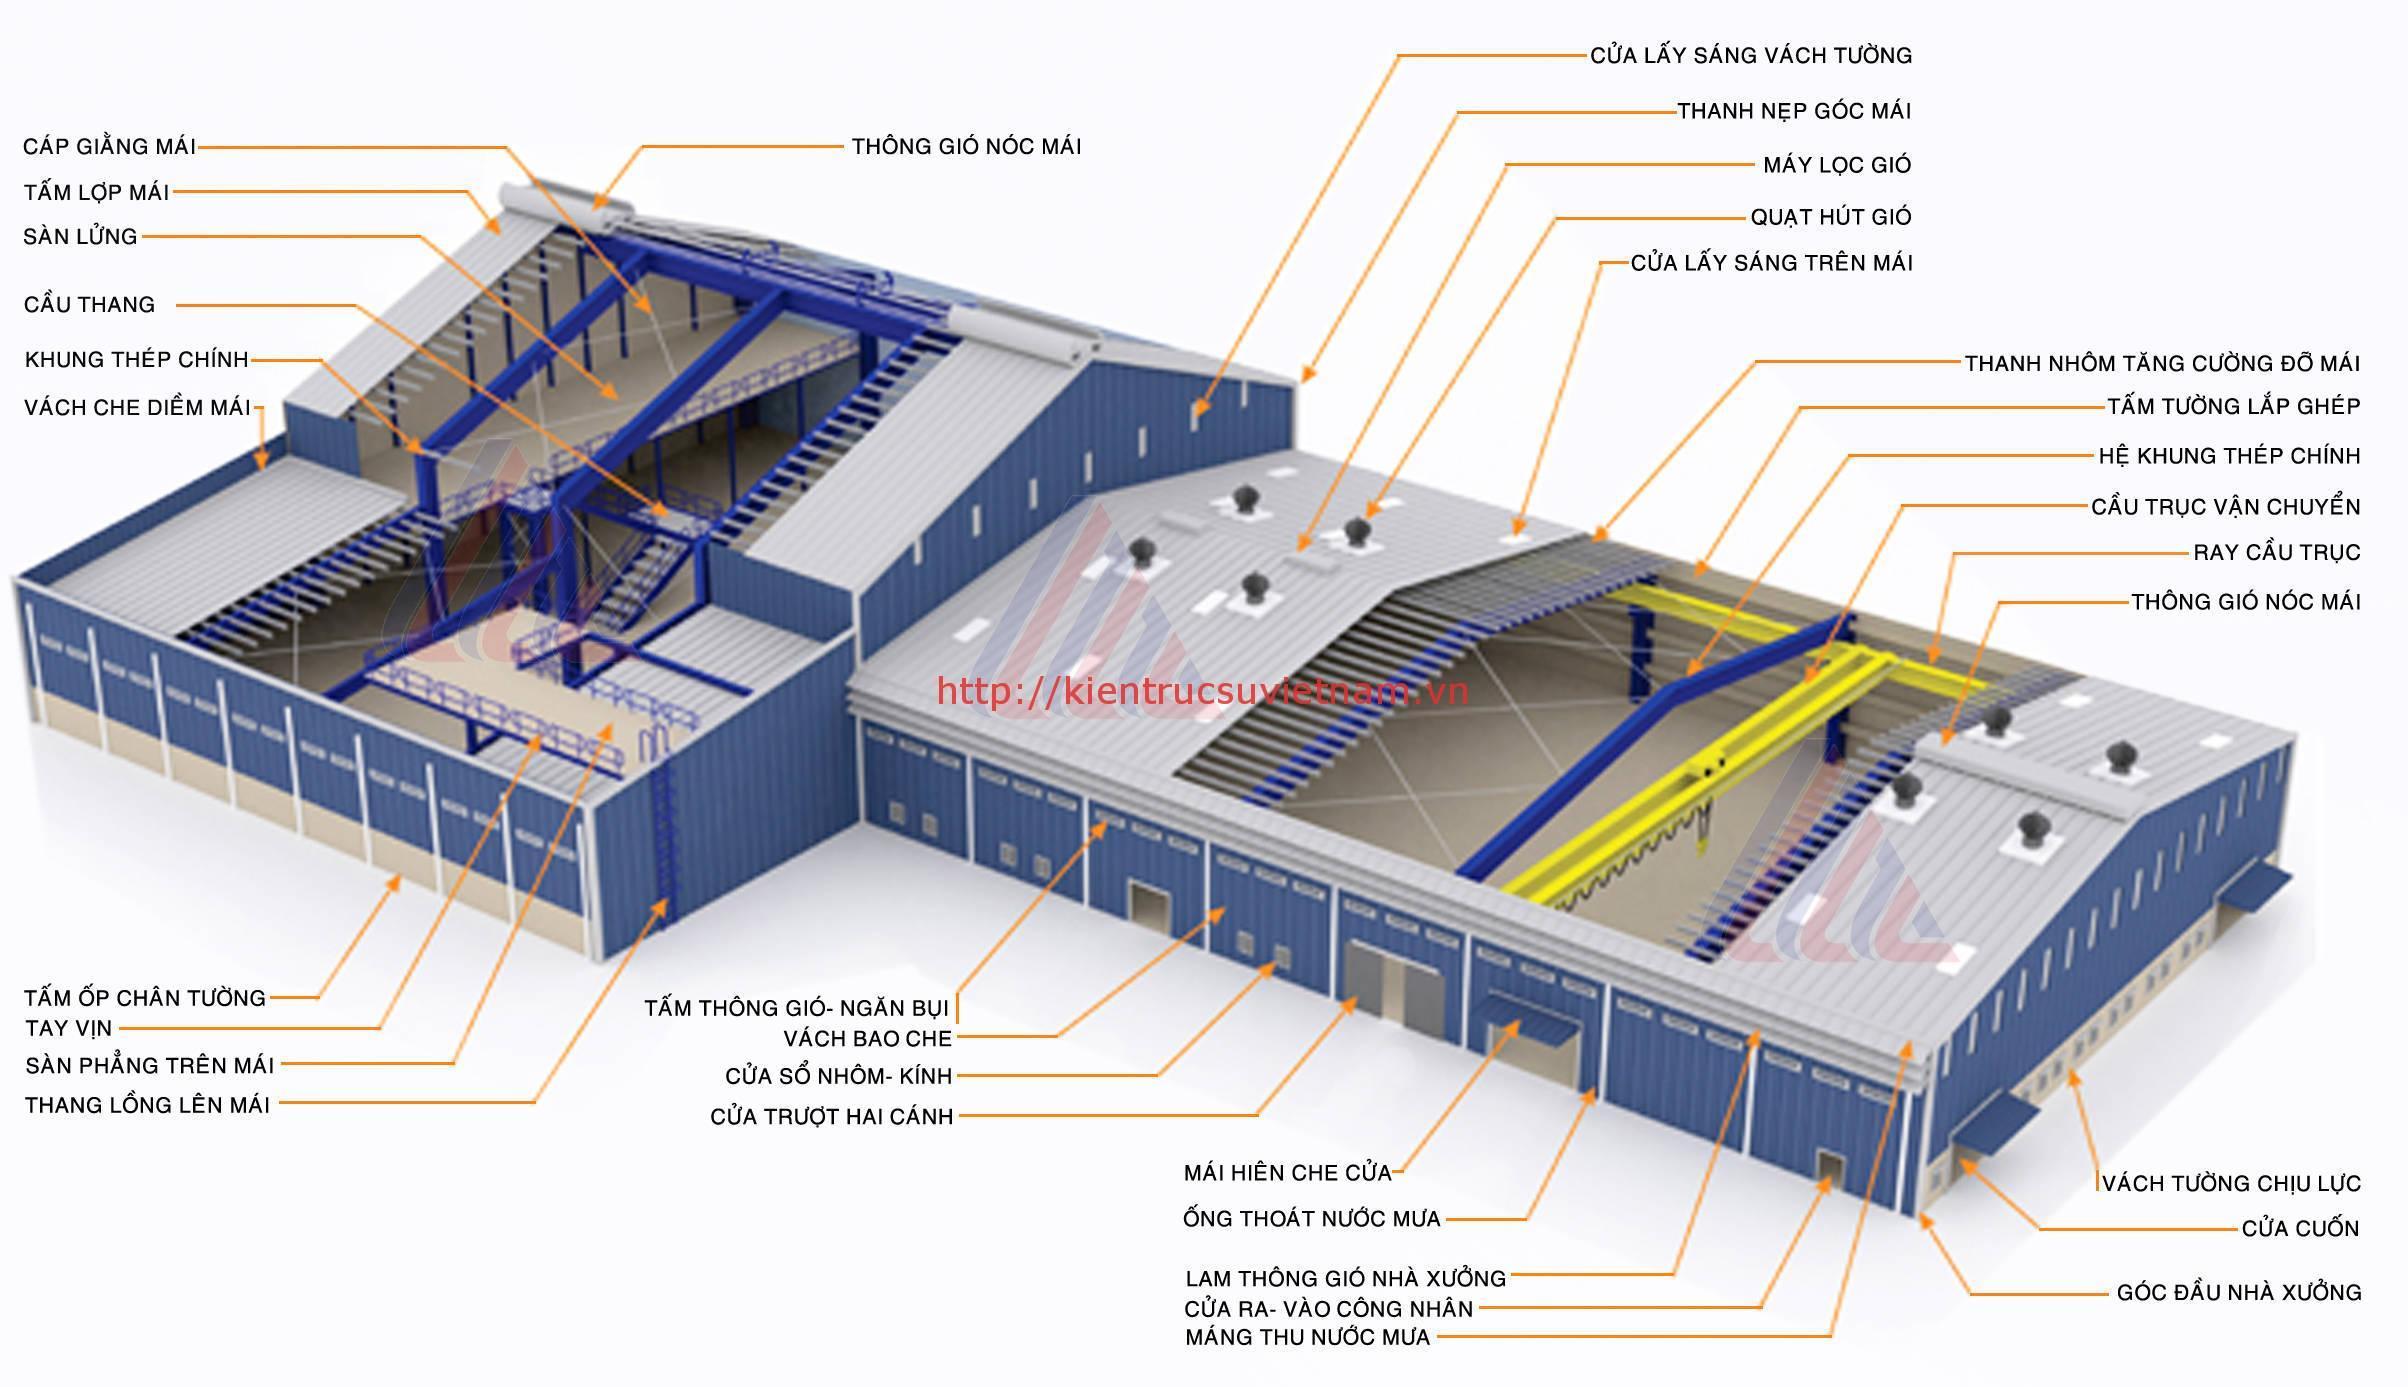 nhà khung thép - Tư vấn thiết kế, xây dựng nhà khung thép